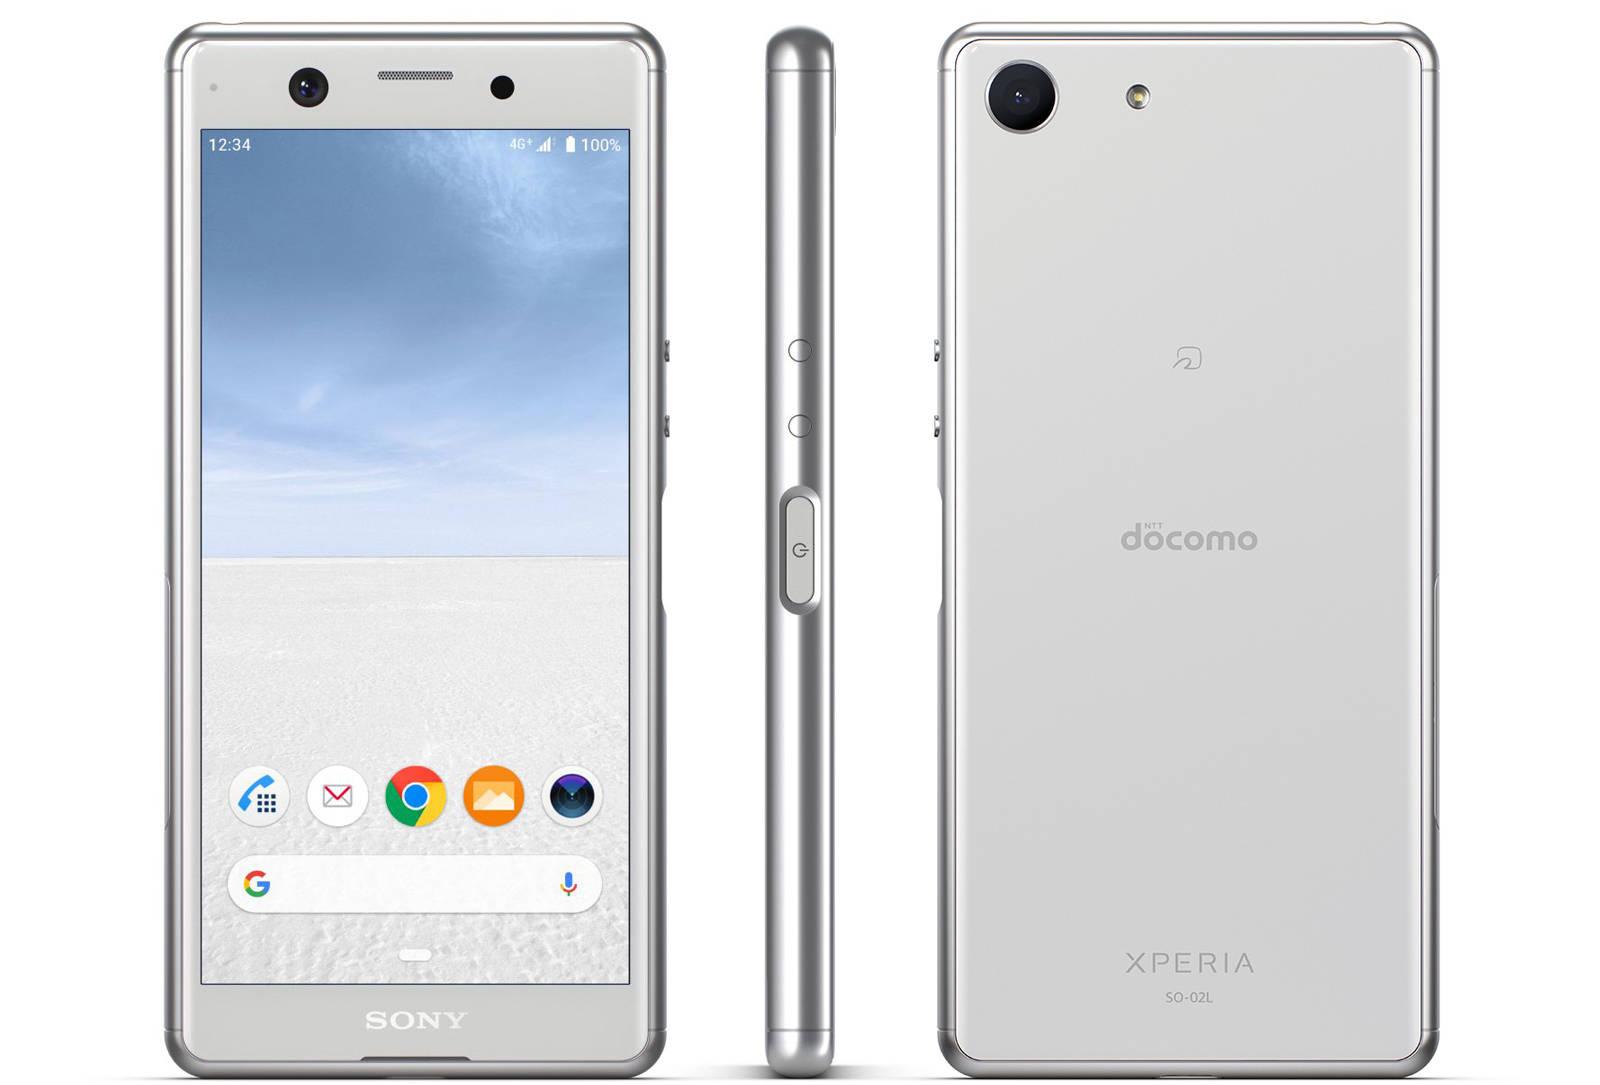 Sony Xperia Ace cena XZ4 Compact gdzie kupić najtaniej w Polsce premiera specyfikacja techniczna opinie